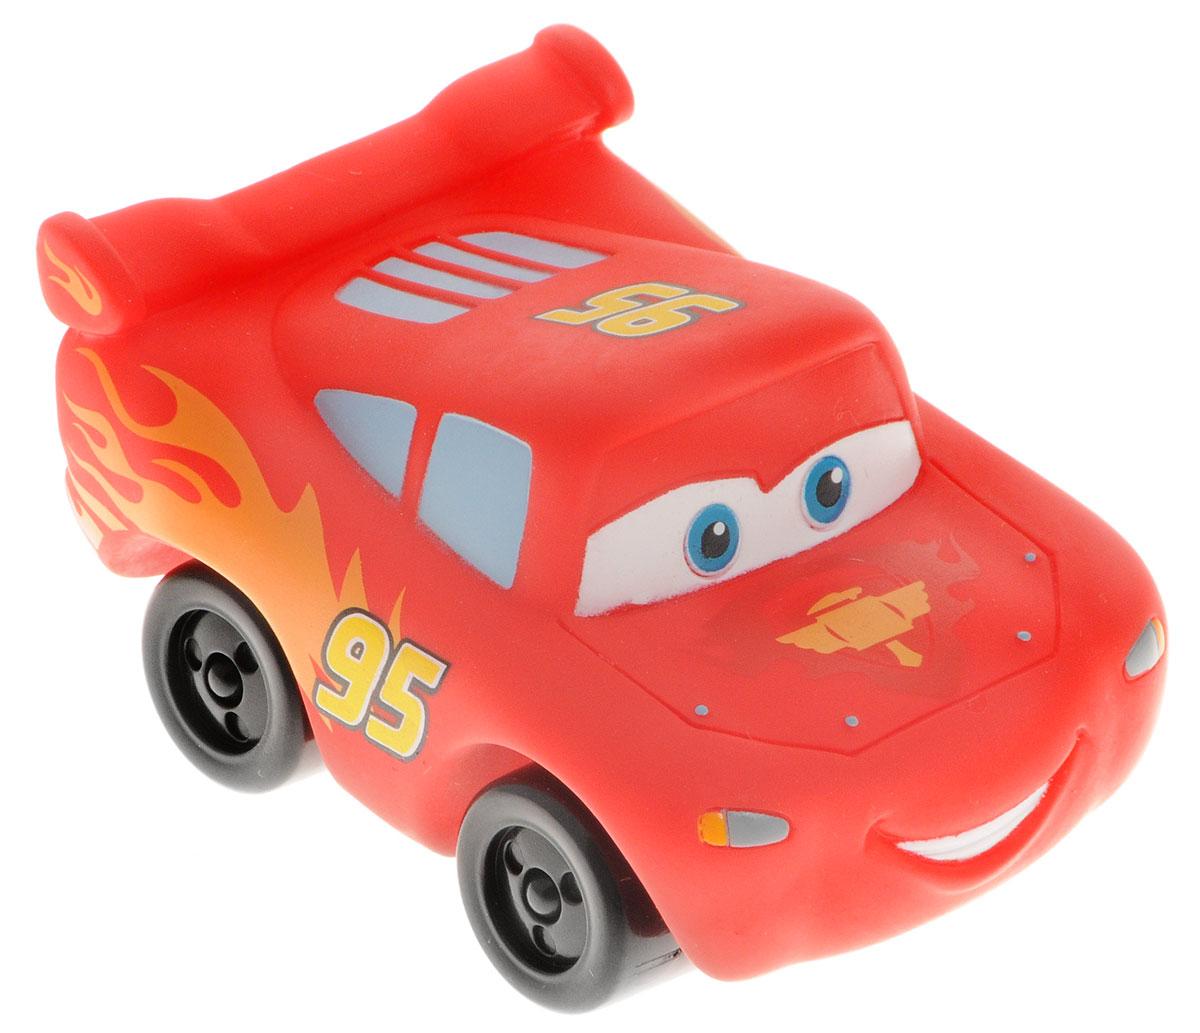 Disney Машинка-игрушка Молния МаккуинGT7098Машинка-игрушка Disney Молния Маккуин является копией главного героя диснеевского мультфильма Тачки 2 - Молнии Маккуина. Машинка оснащена звуковыми эффектами, активировать которые ребенок сможет нажав специальную кнопку на корпусе машинки. Игрушка заговорит голосом главного героя. Колеса машинки оснащены свободным ходом. Игрушка выполнена из высококачественного ПВХ и не имеет острых углов.